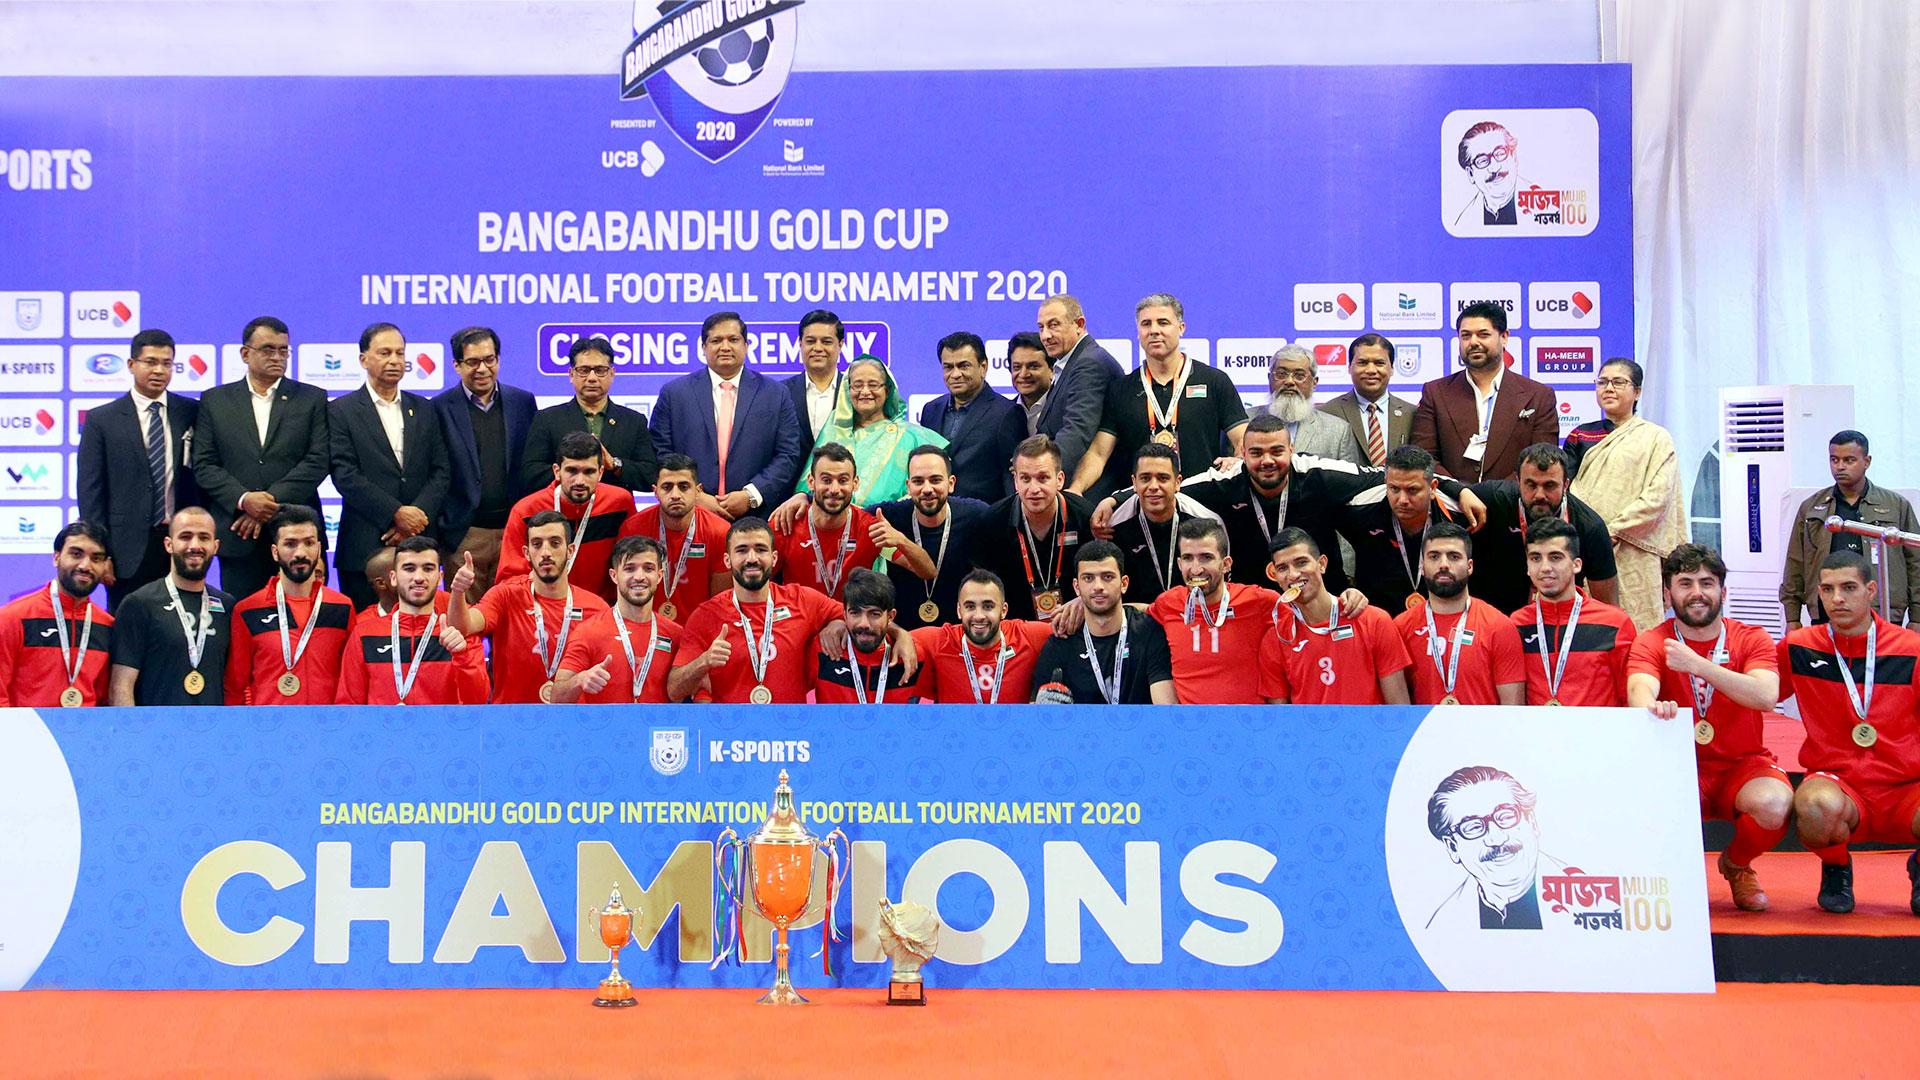 Palestine retains Bangabandhu Gold Cup 2020